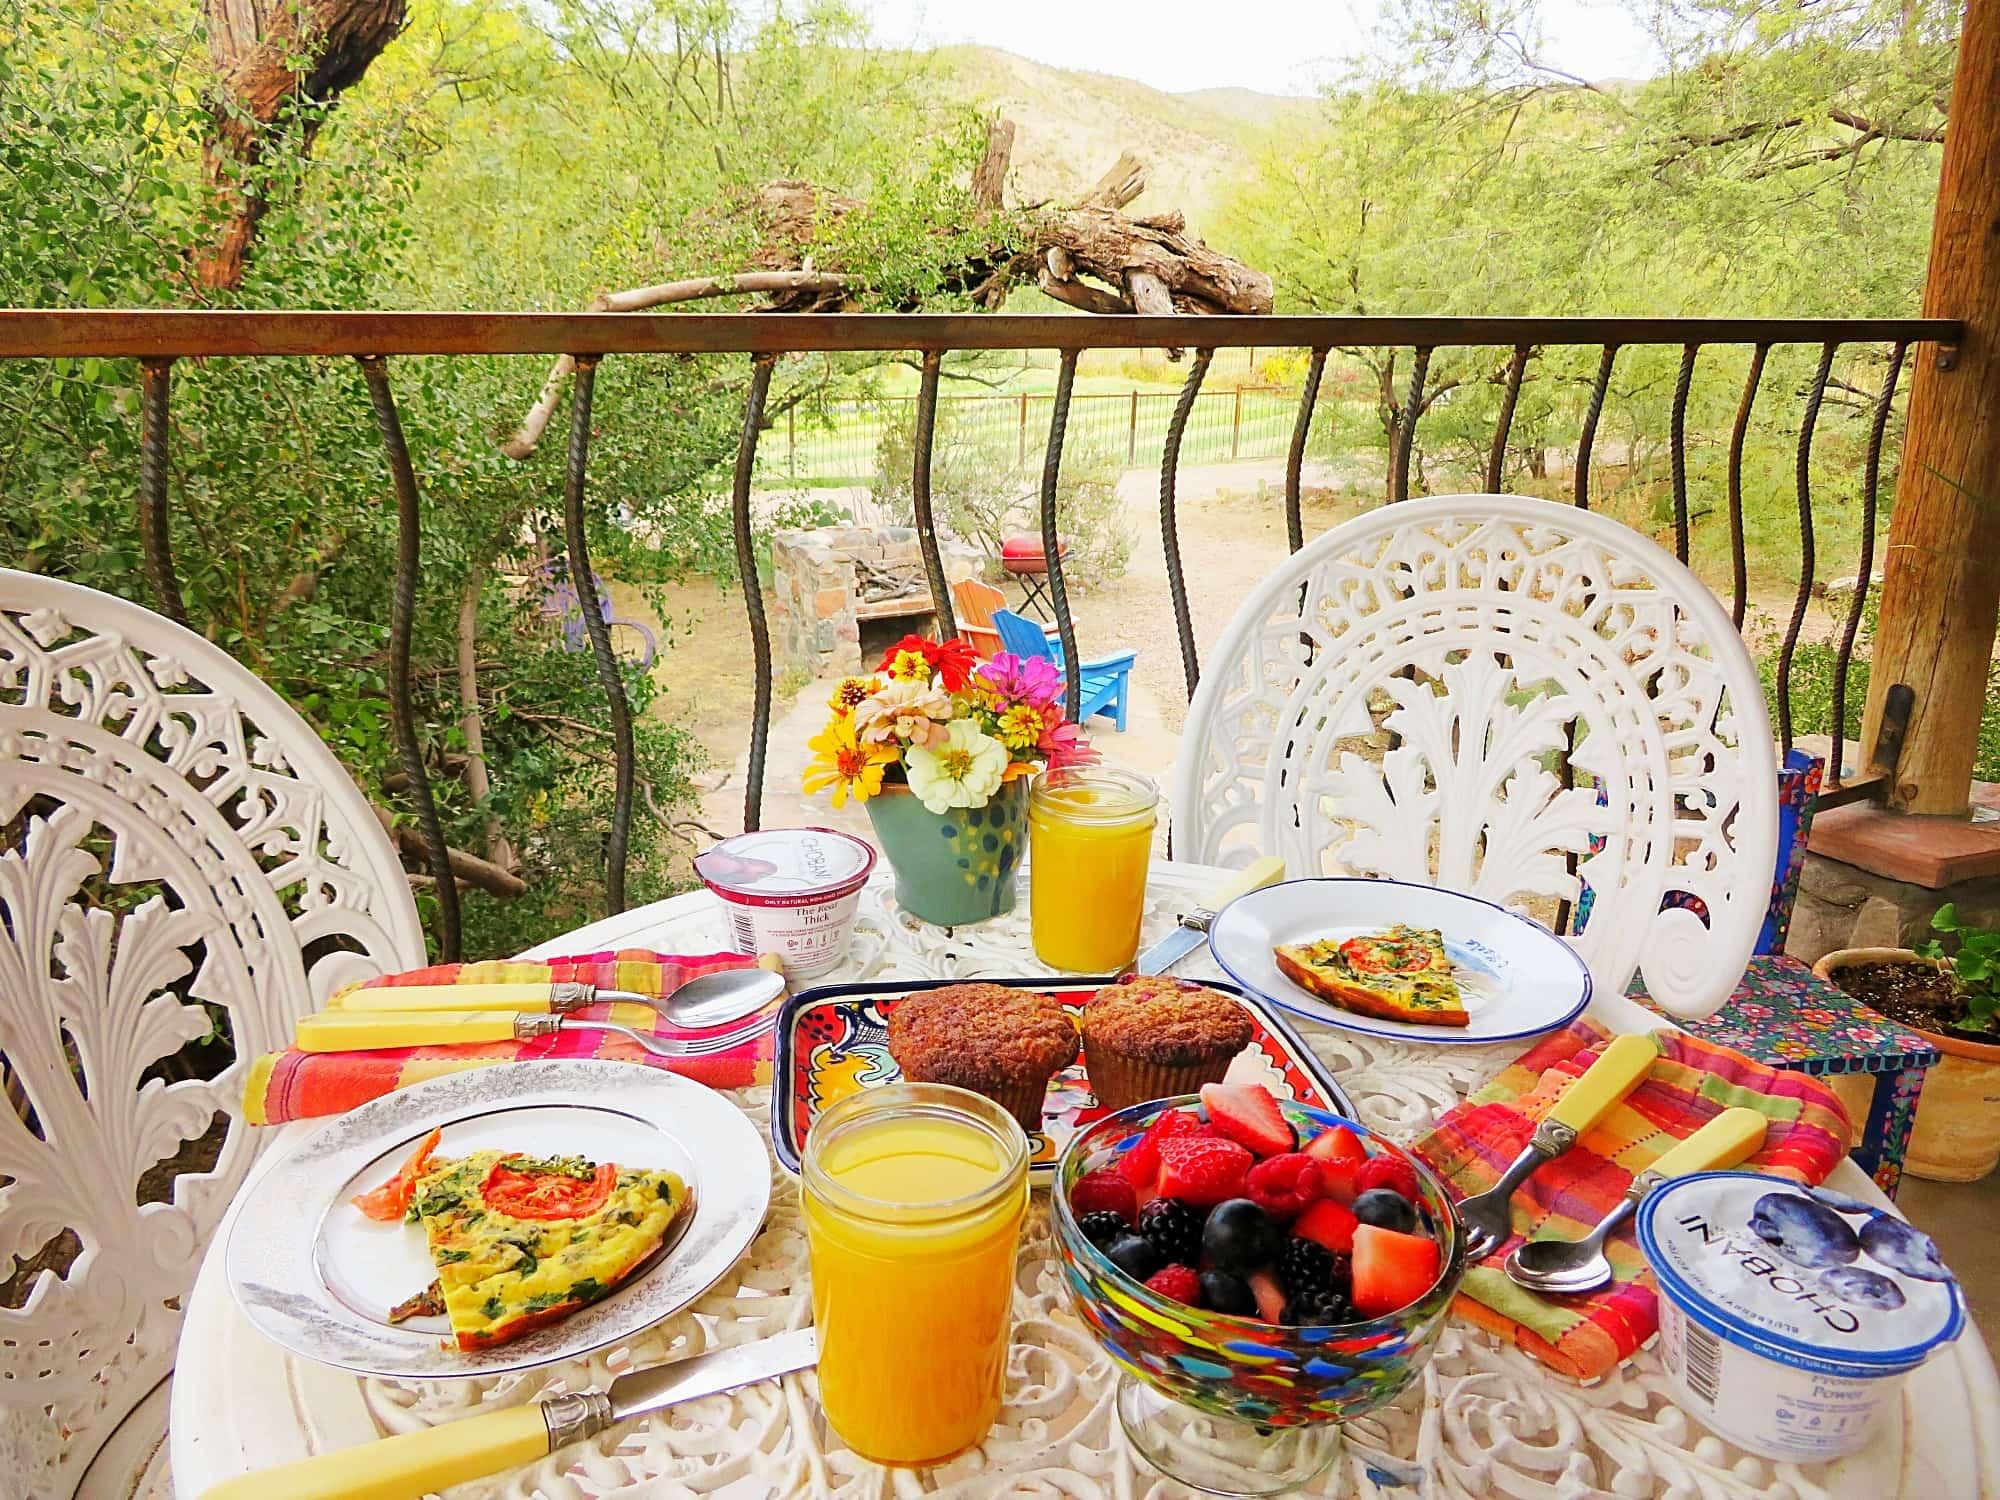 Our pretty alfresco breakfast at Aravaipa Farms Inn